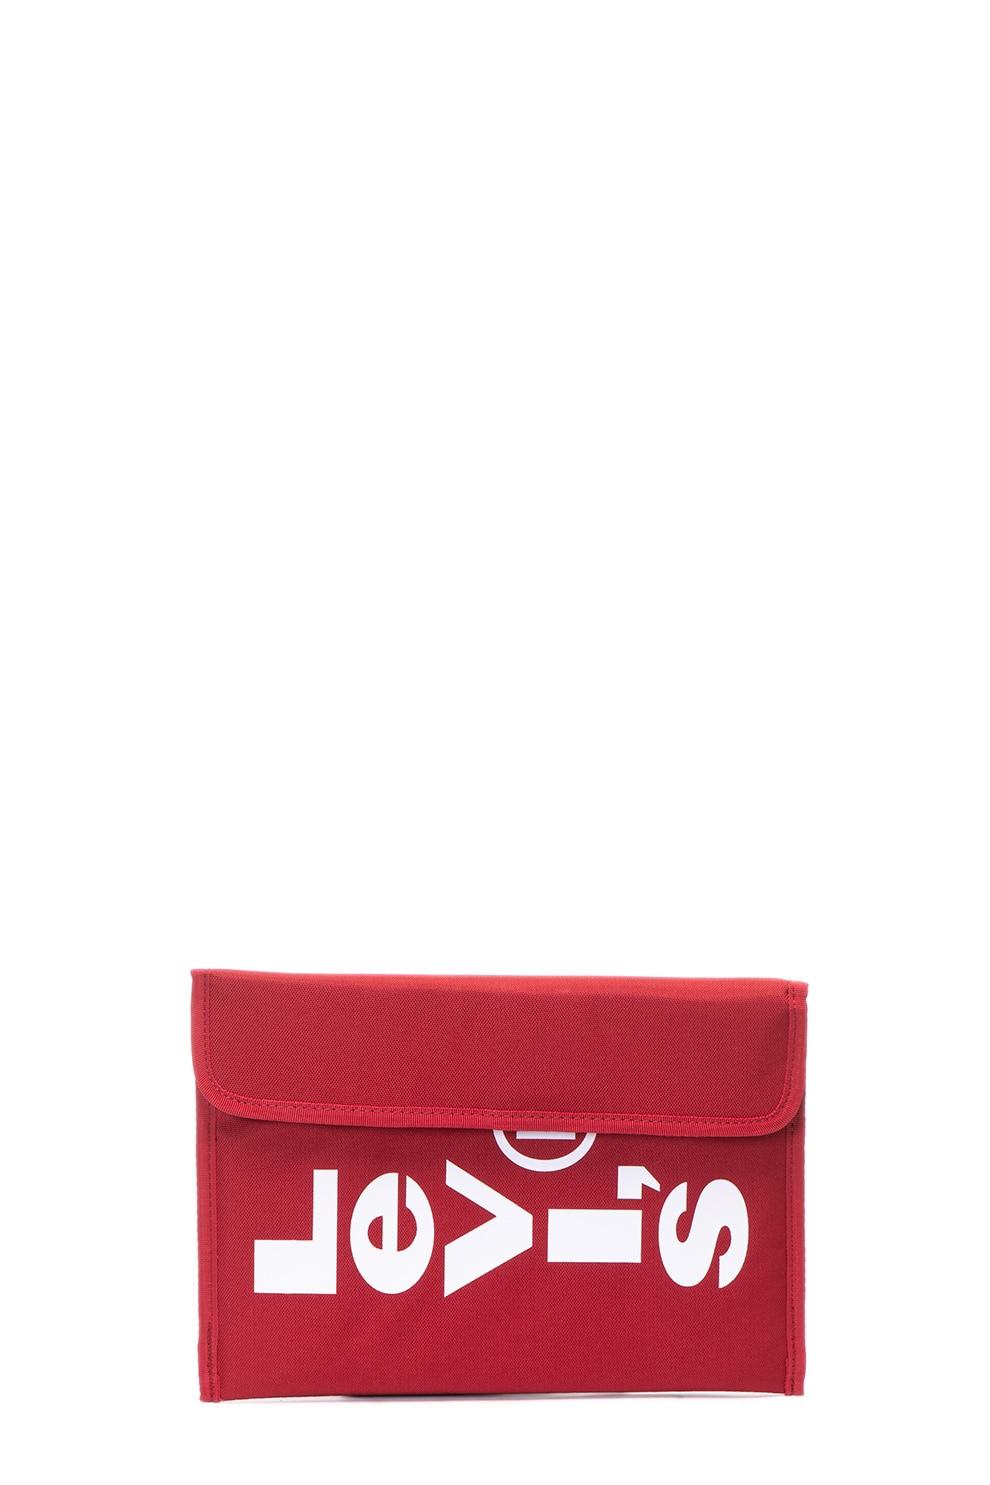 Fotografie Levi's, Husa pentru tableta cu model logo